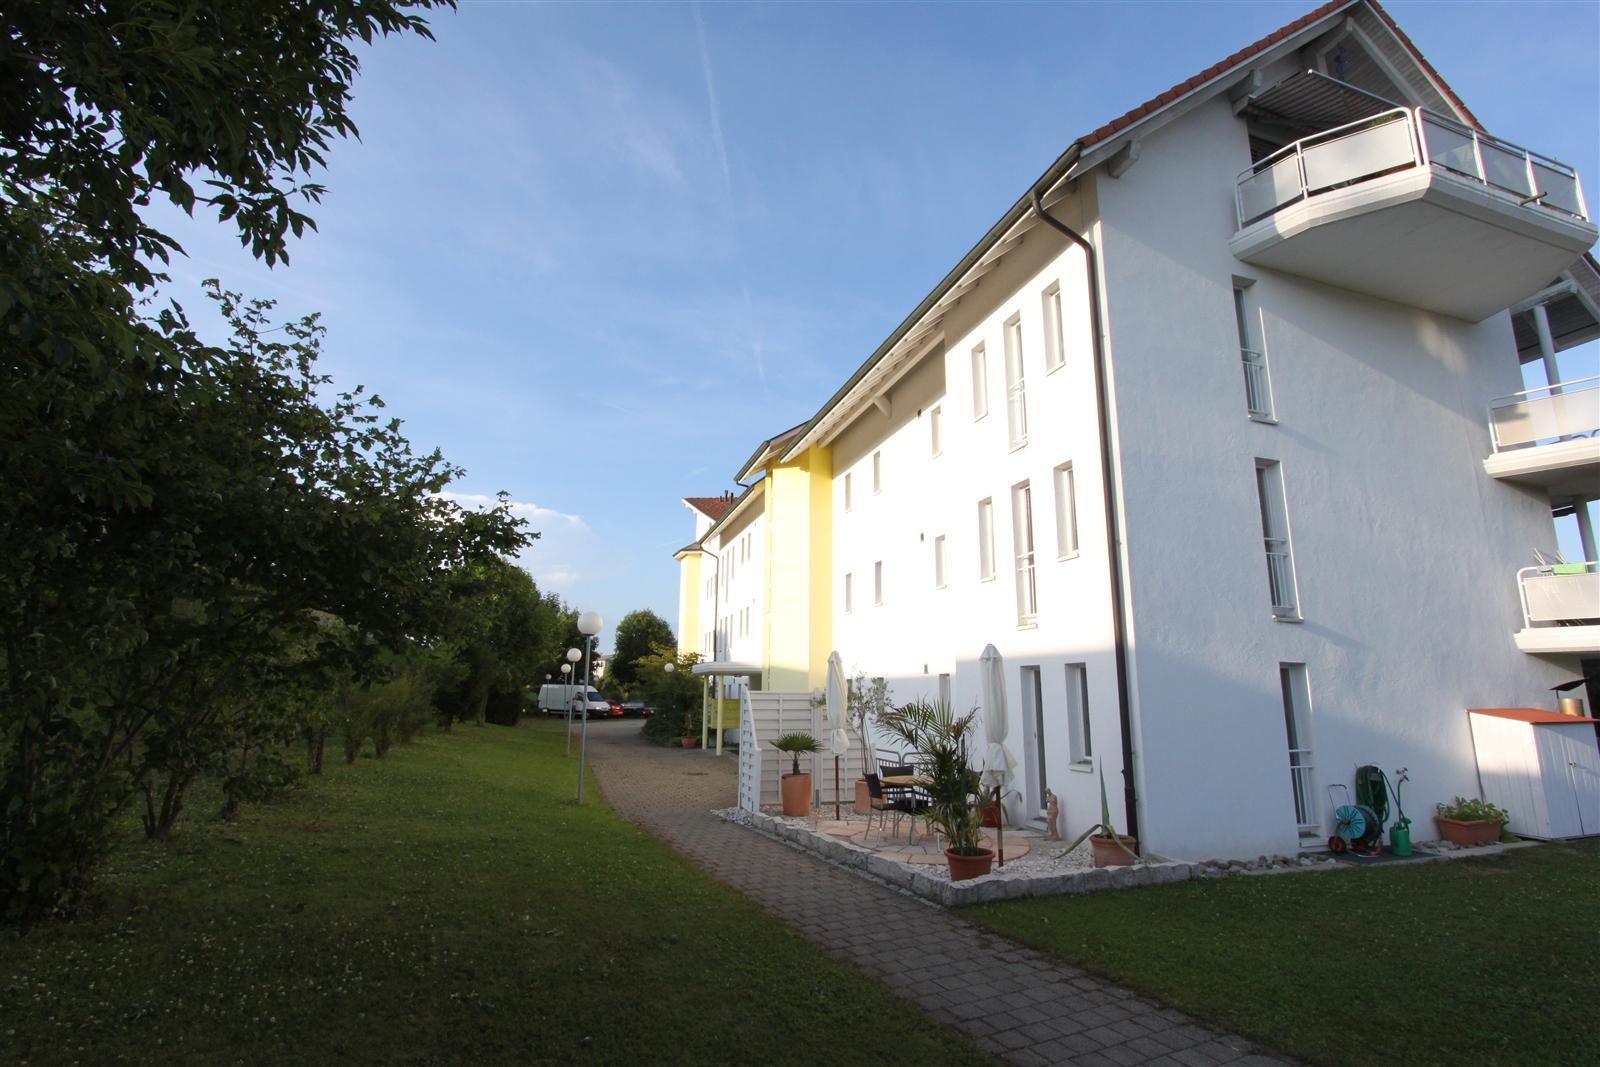 04 Hoegernweg 1 - 006